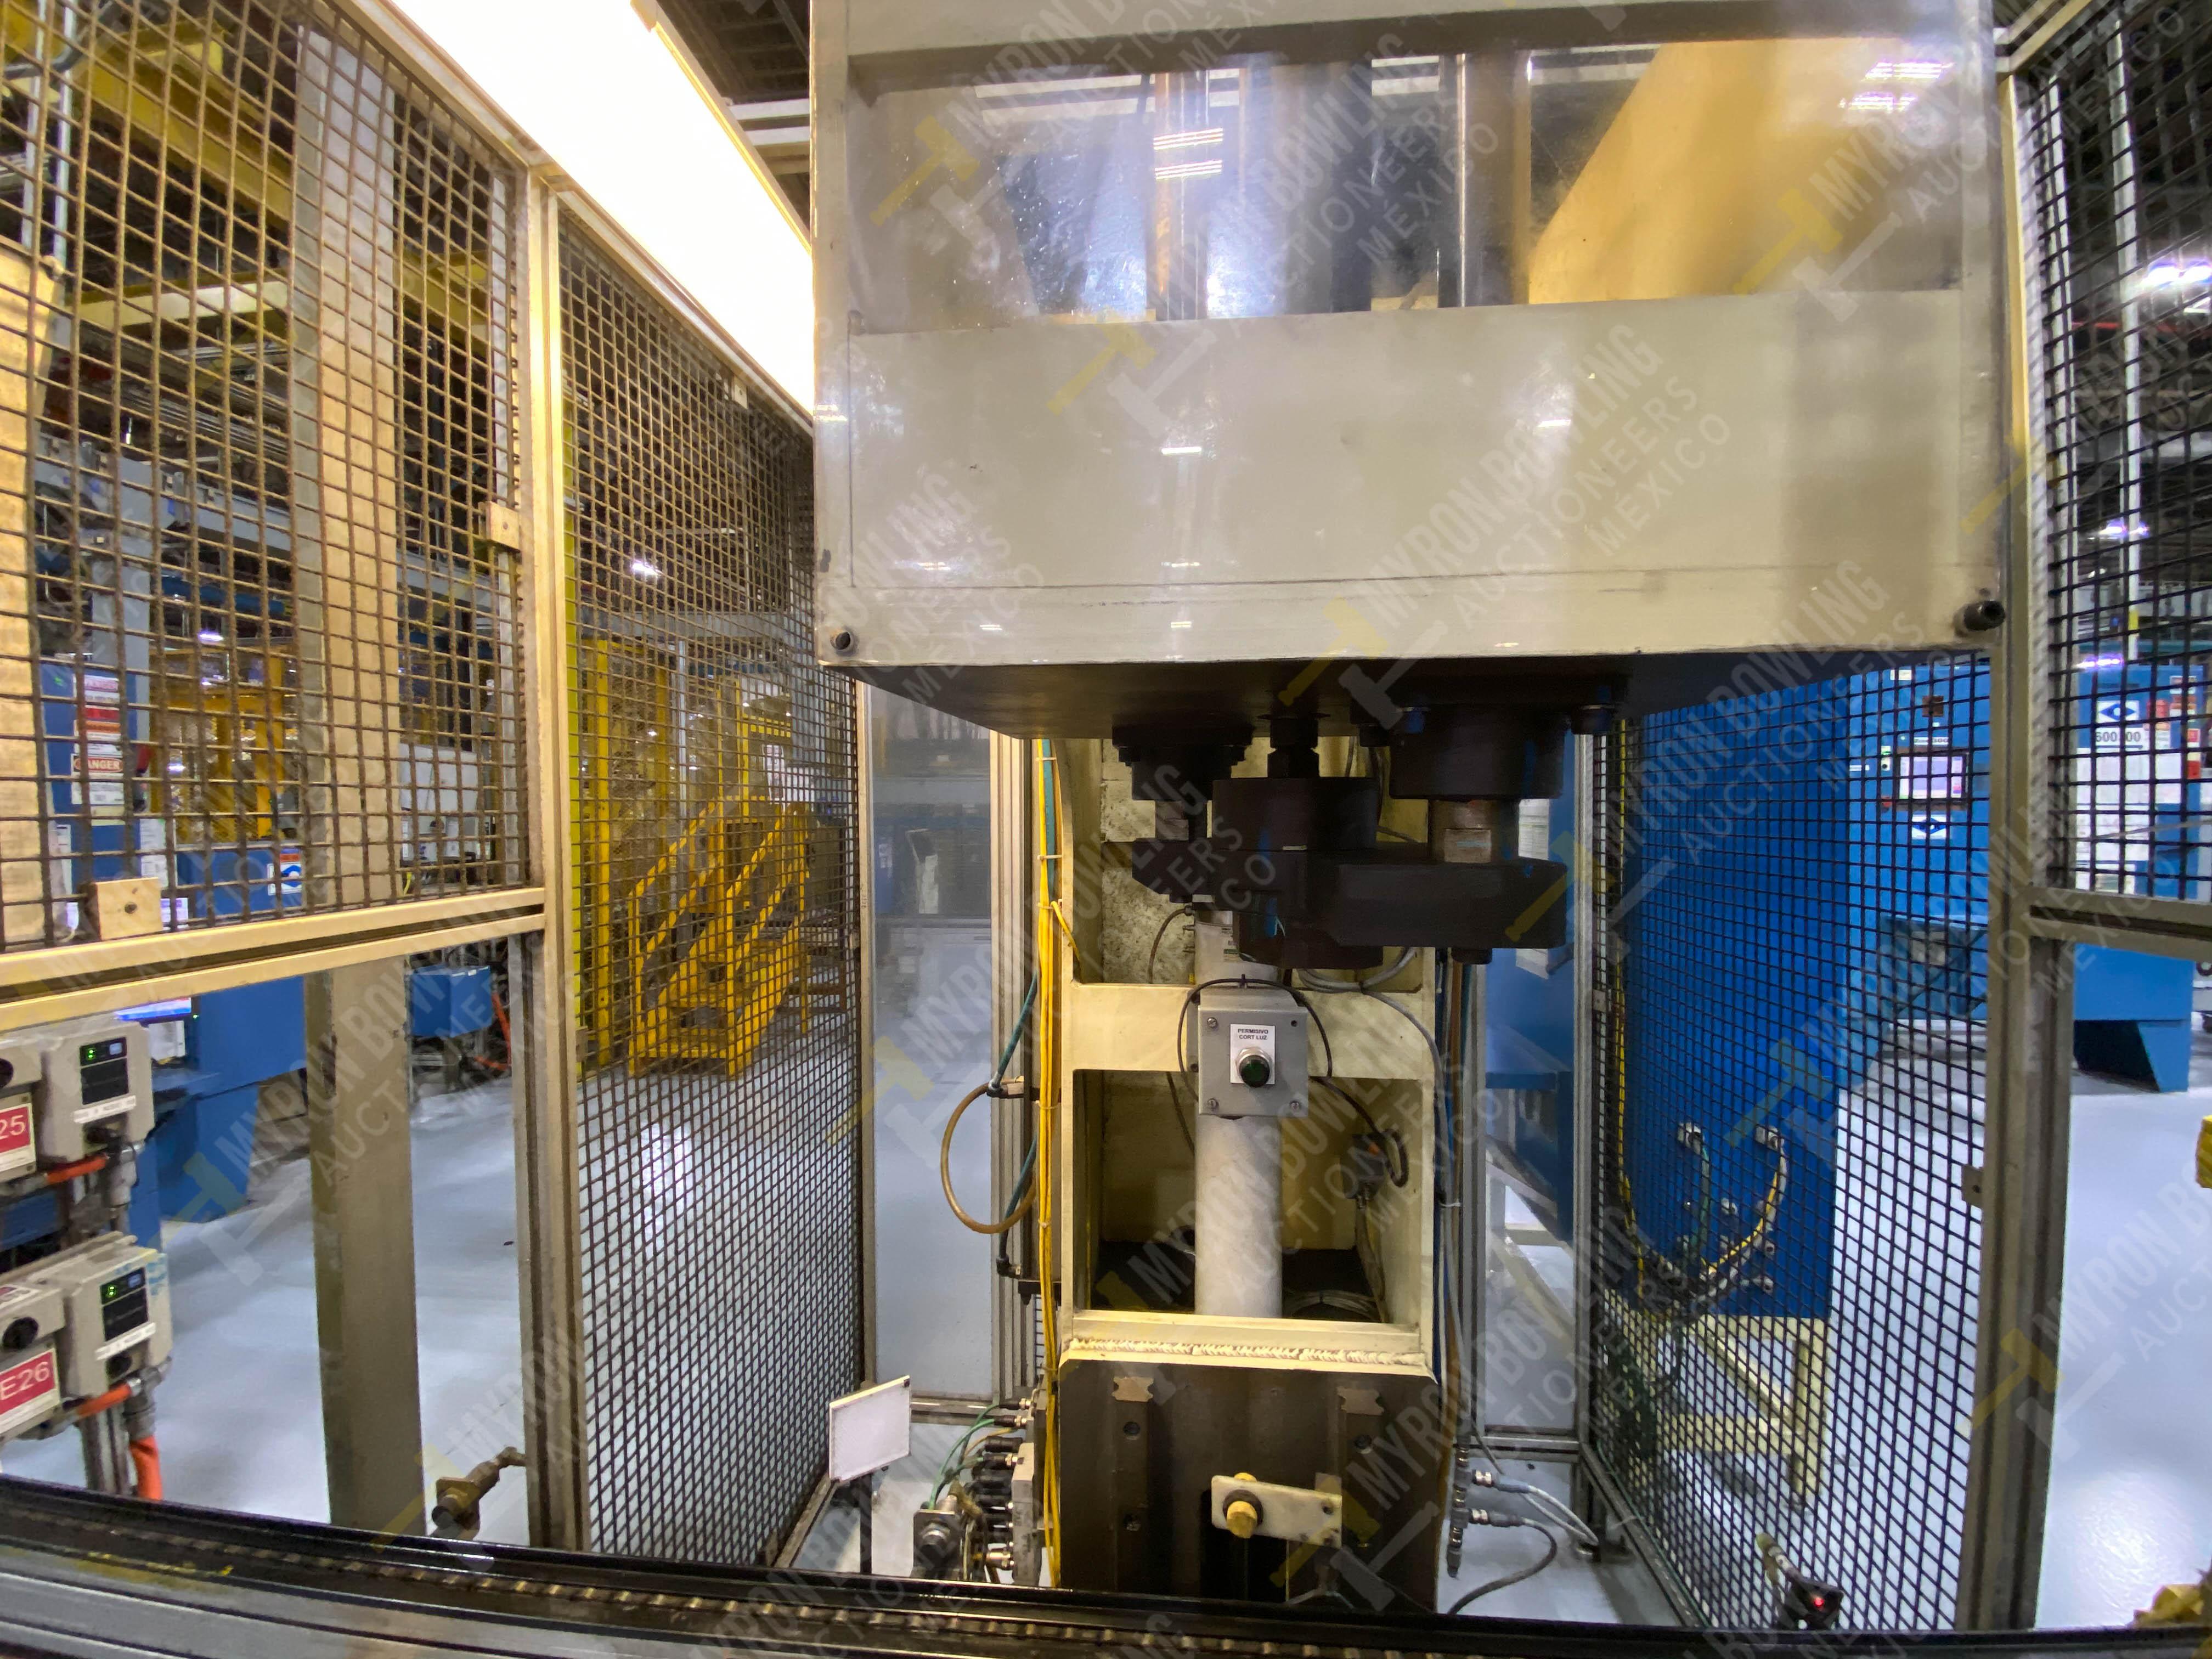 Estación manual para operación 383, contiene: Prensa marca PROMESS en estructura de placa de acero - Image 11 of 27